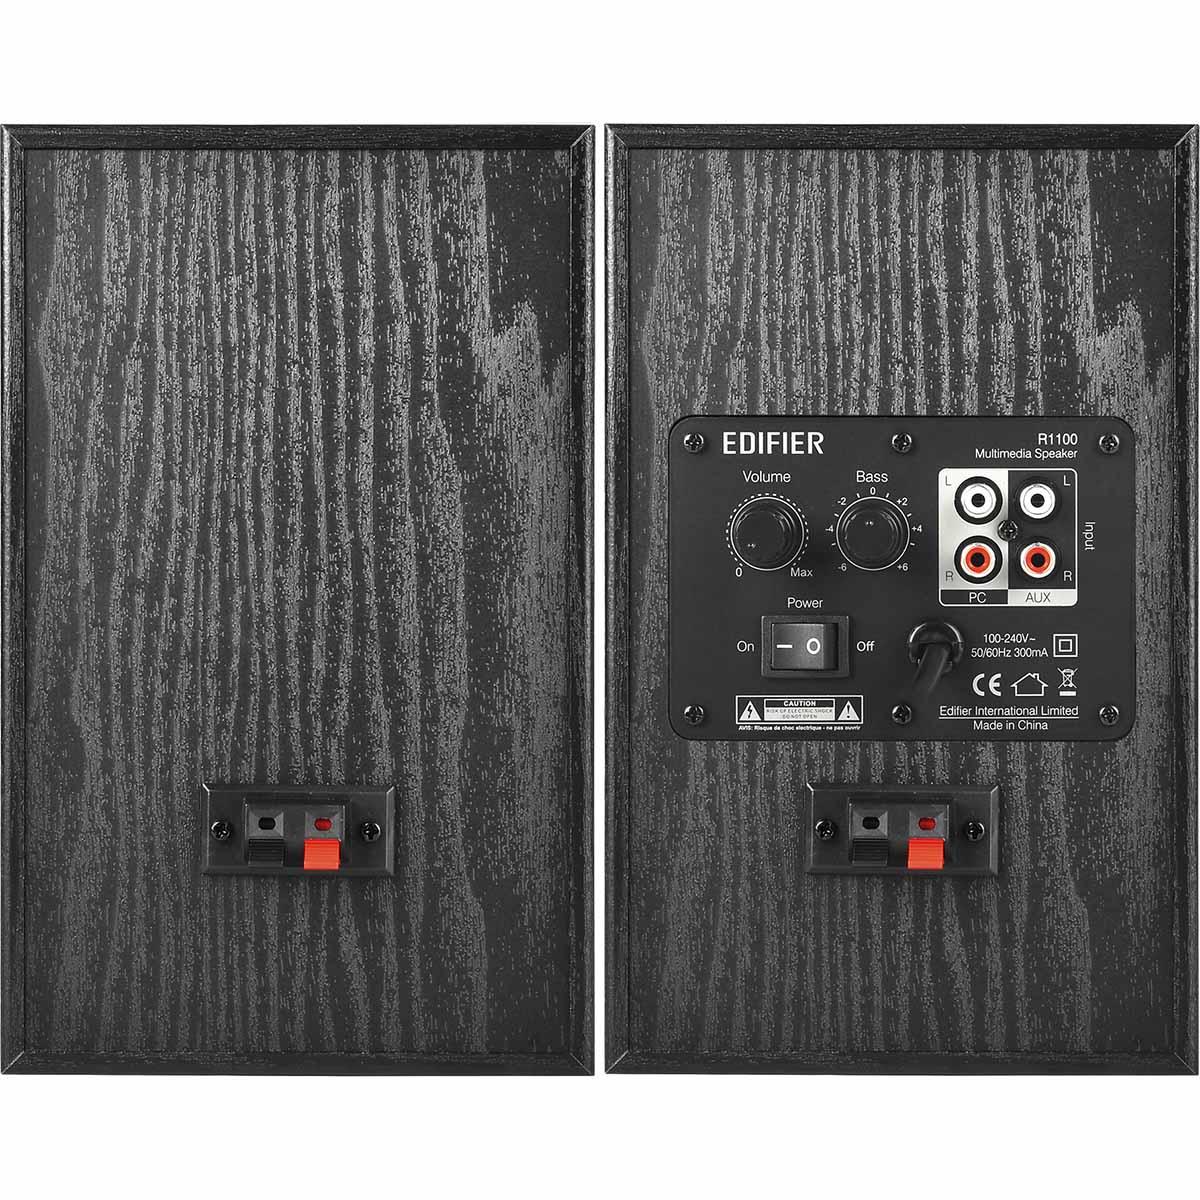 Edifier R1100 Caixa de Som, 42W RMS, Bivolt